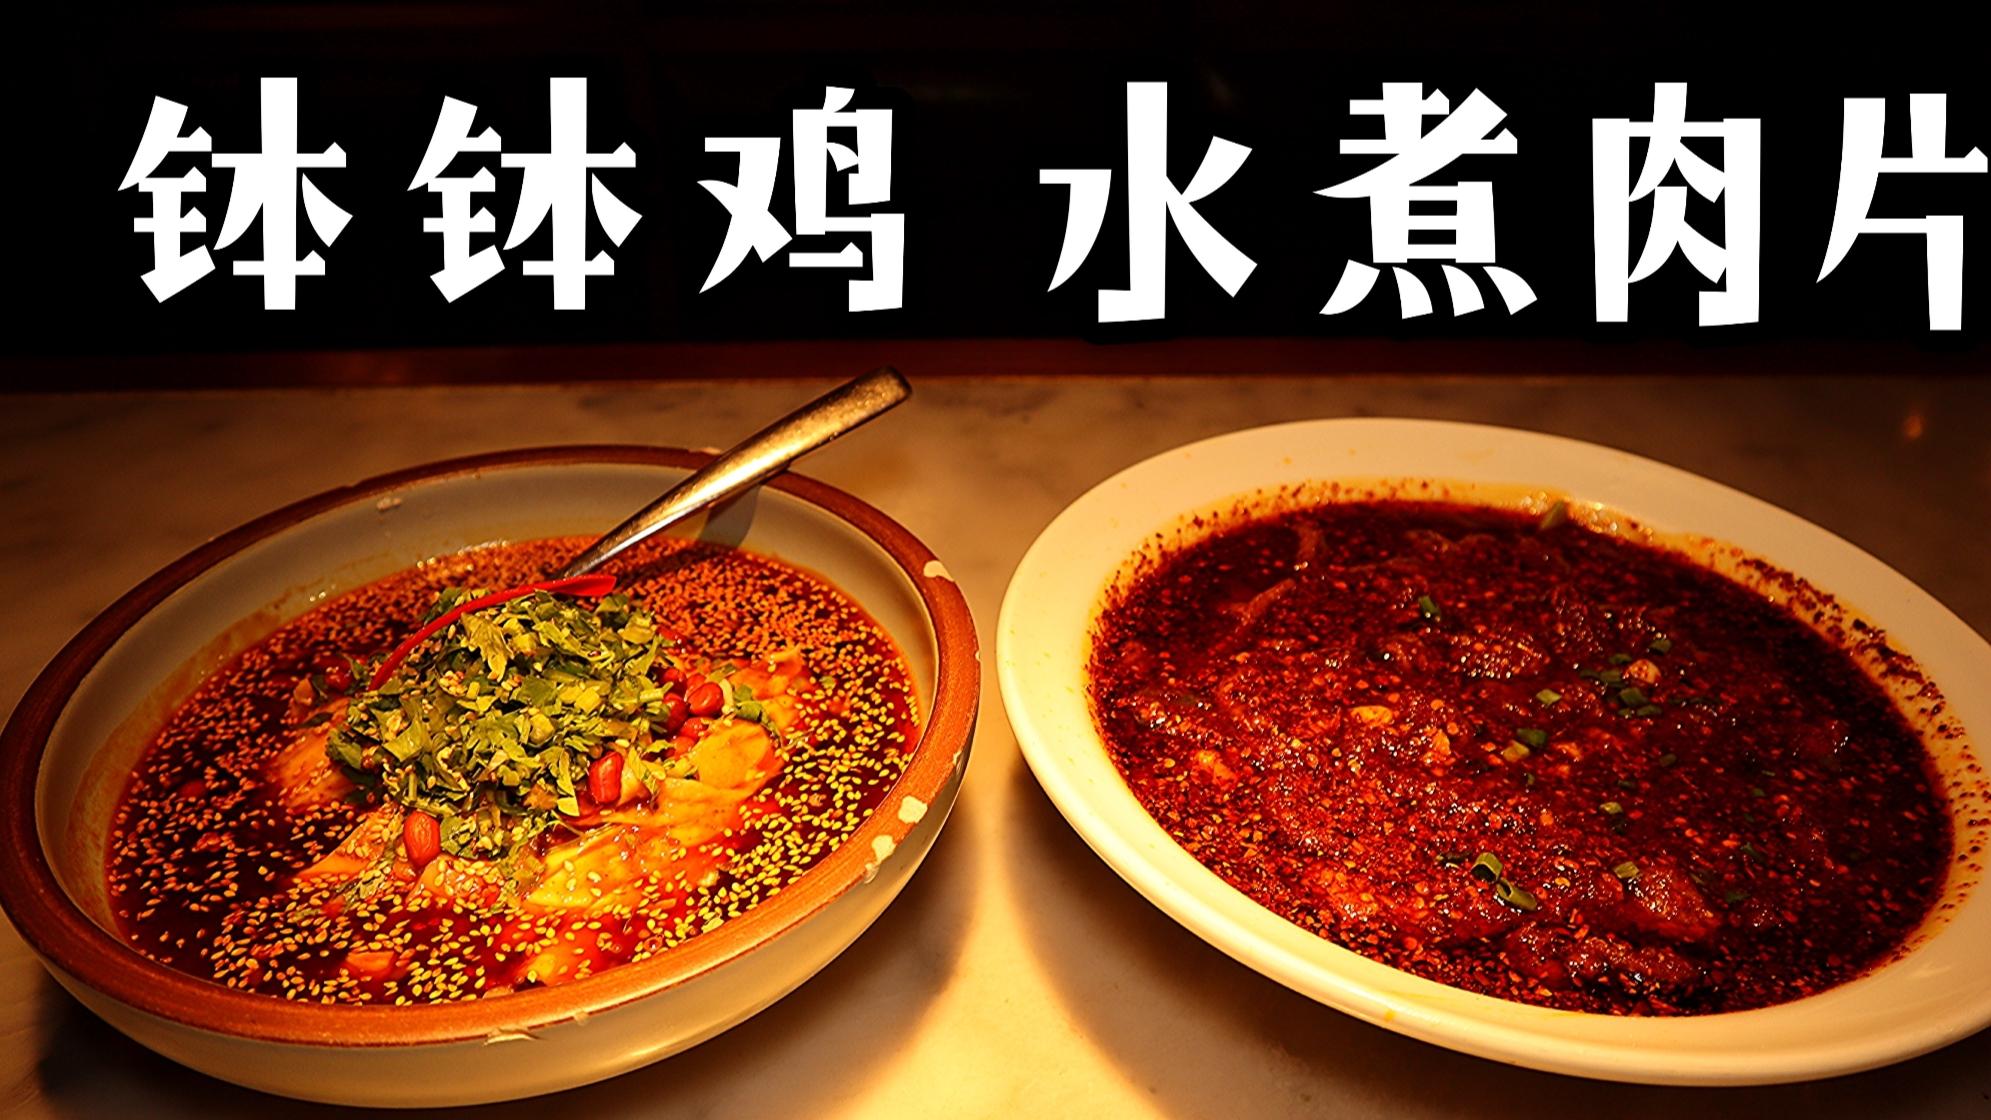 钵钵鸡,水煮肉片!小伙探店正宗锦里川菜,够辣够麻够开心 !